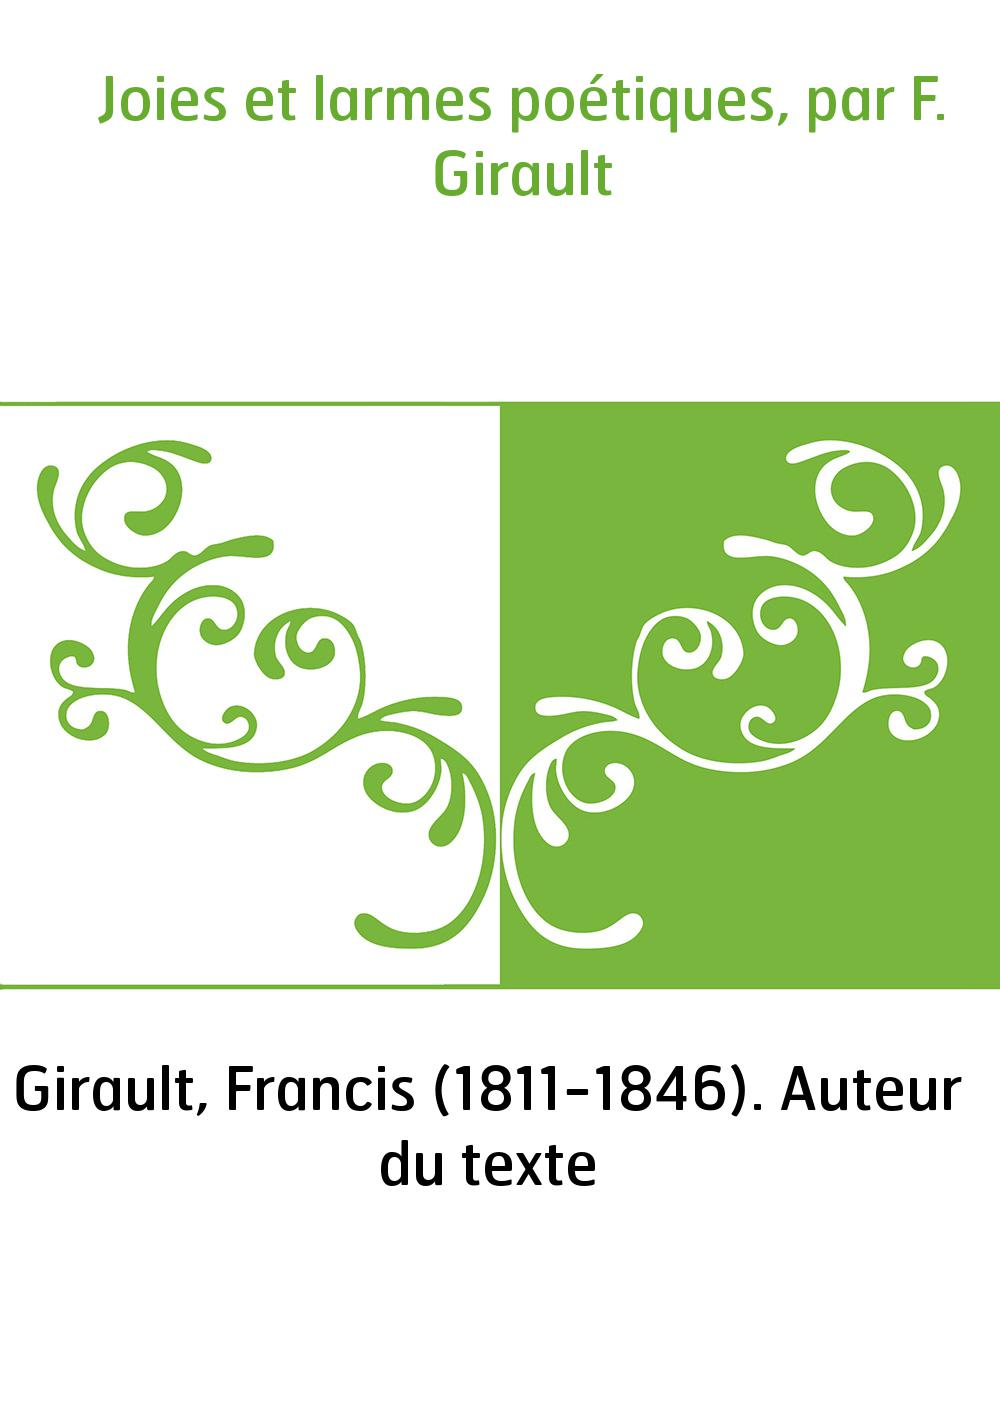 Joies et larmes poétiques, par F. Girault